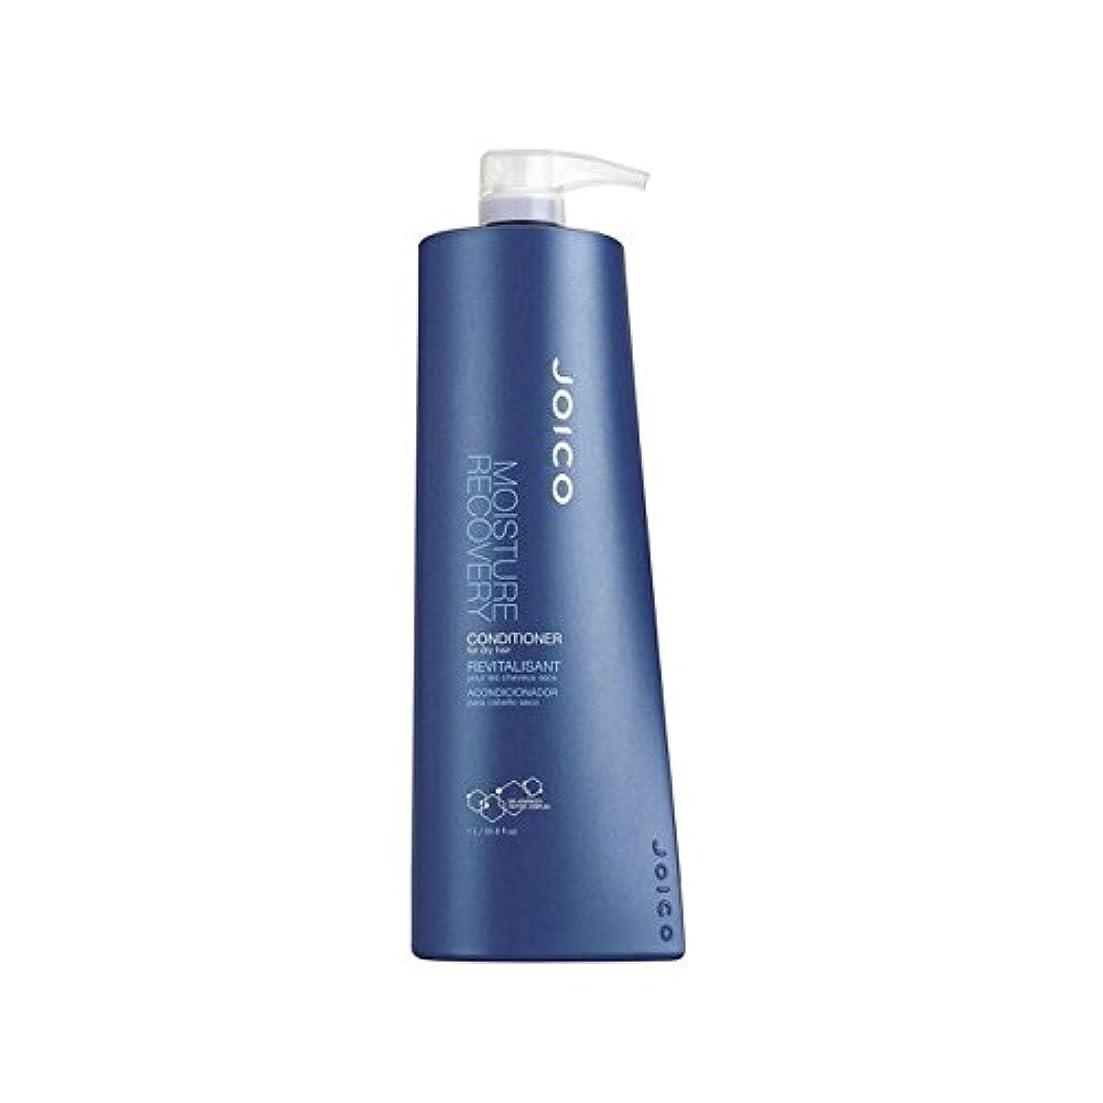 レール威する祖母Joico Moisture Recovery Conditioner For Dry Hair (1000ml) (Pack of 6) - 乾いた髪用ジョイコ水分回復コンディショナー(千ミリリットル) x6 [並行輸入品]